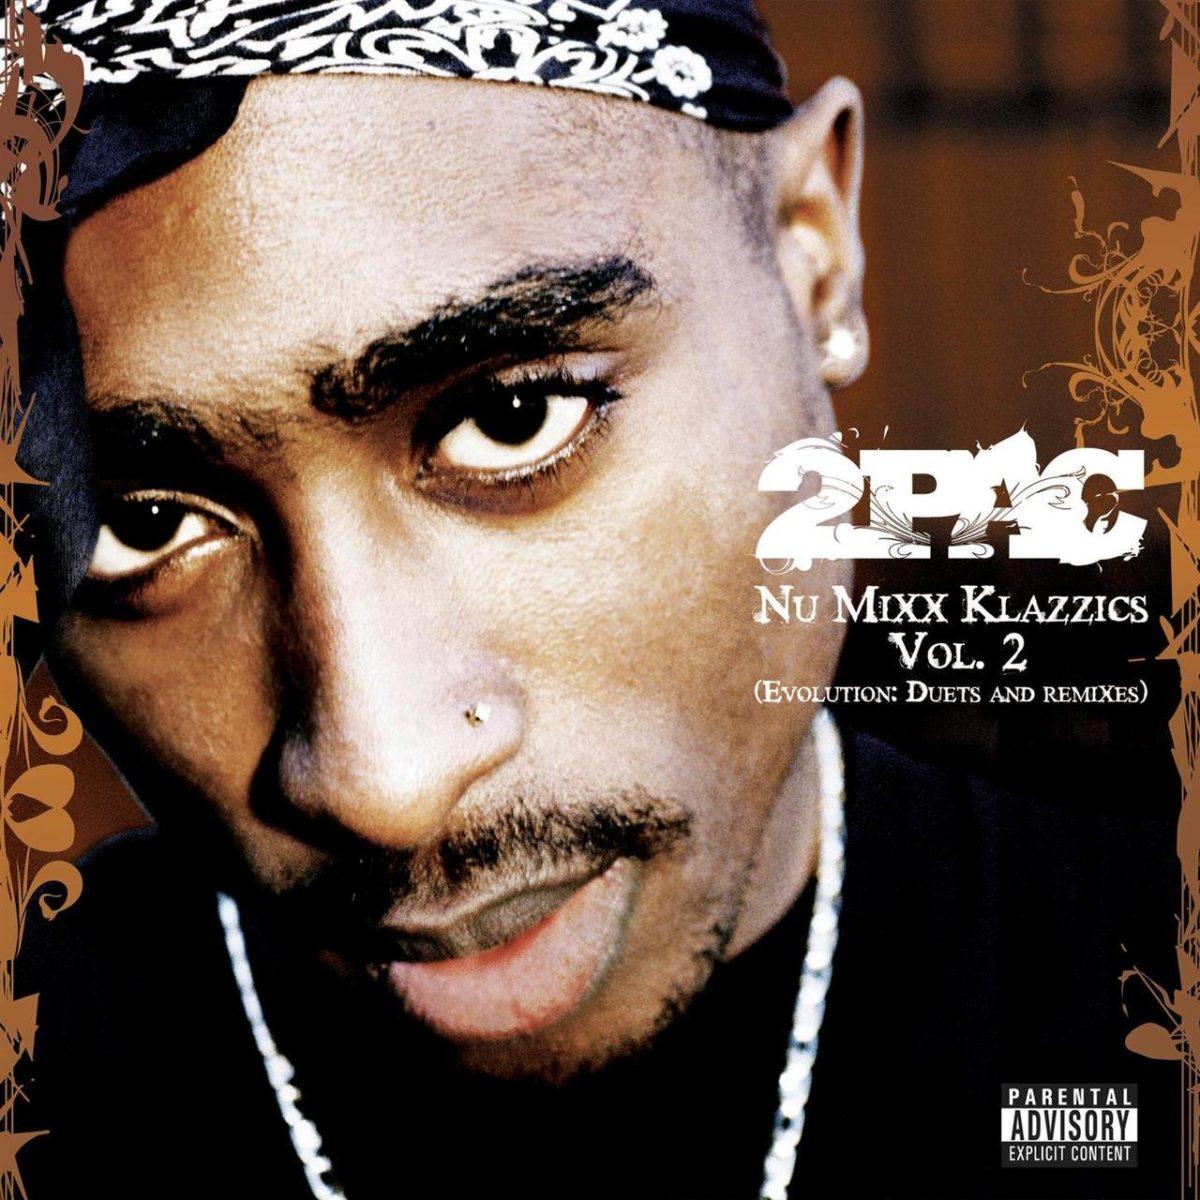 2Pac - Nu Mixx Klazzics Vol. 2 (Evolution: Duets And Remixes) (Cover)